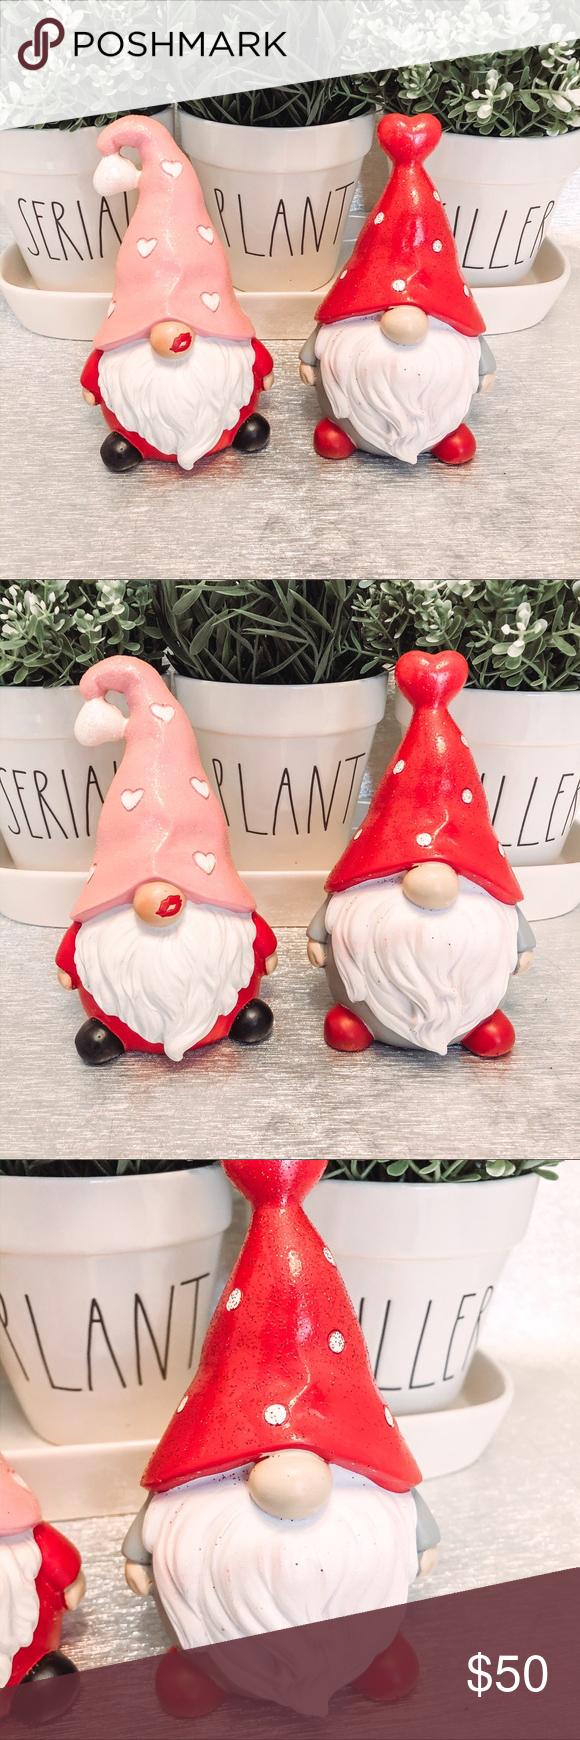 Sold Hobby Lobby Valentine S Day Gnomes Hobby Lobby Hobby Valentine